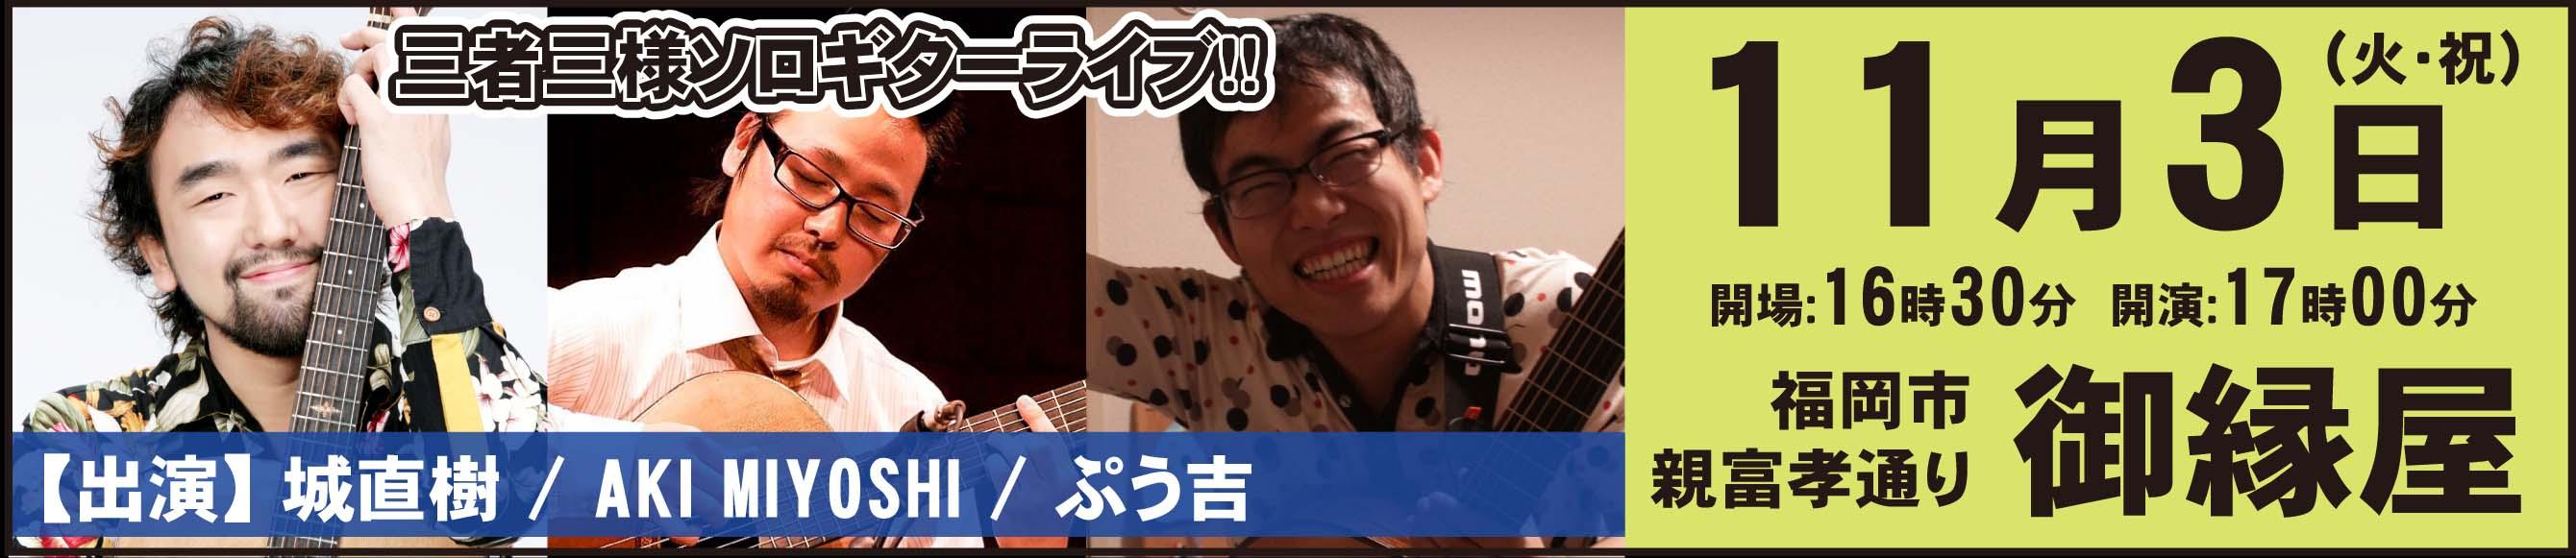 2015年11月3日(火・祝)福岡親不孝通り御縁屋ソロギターライブ